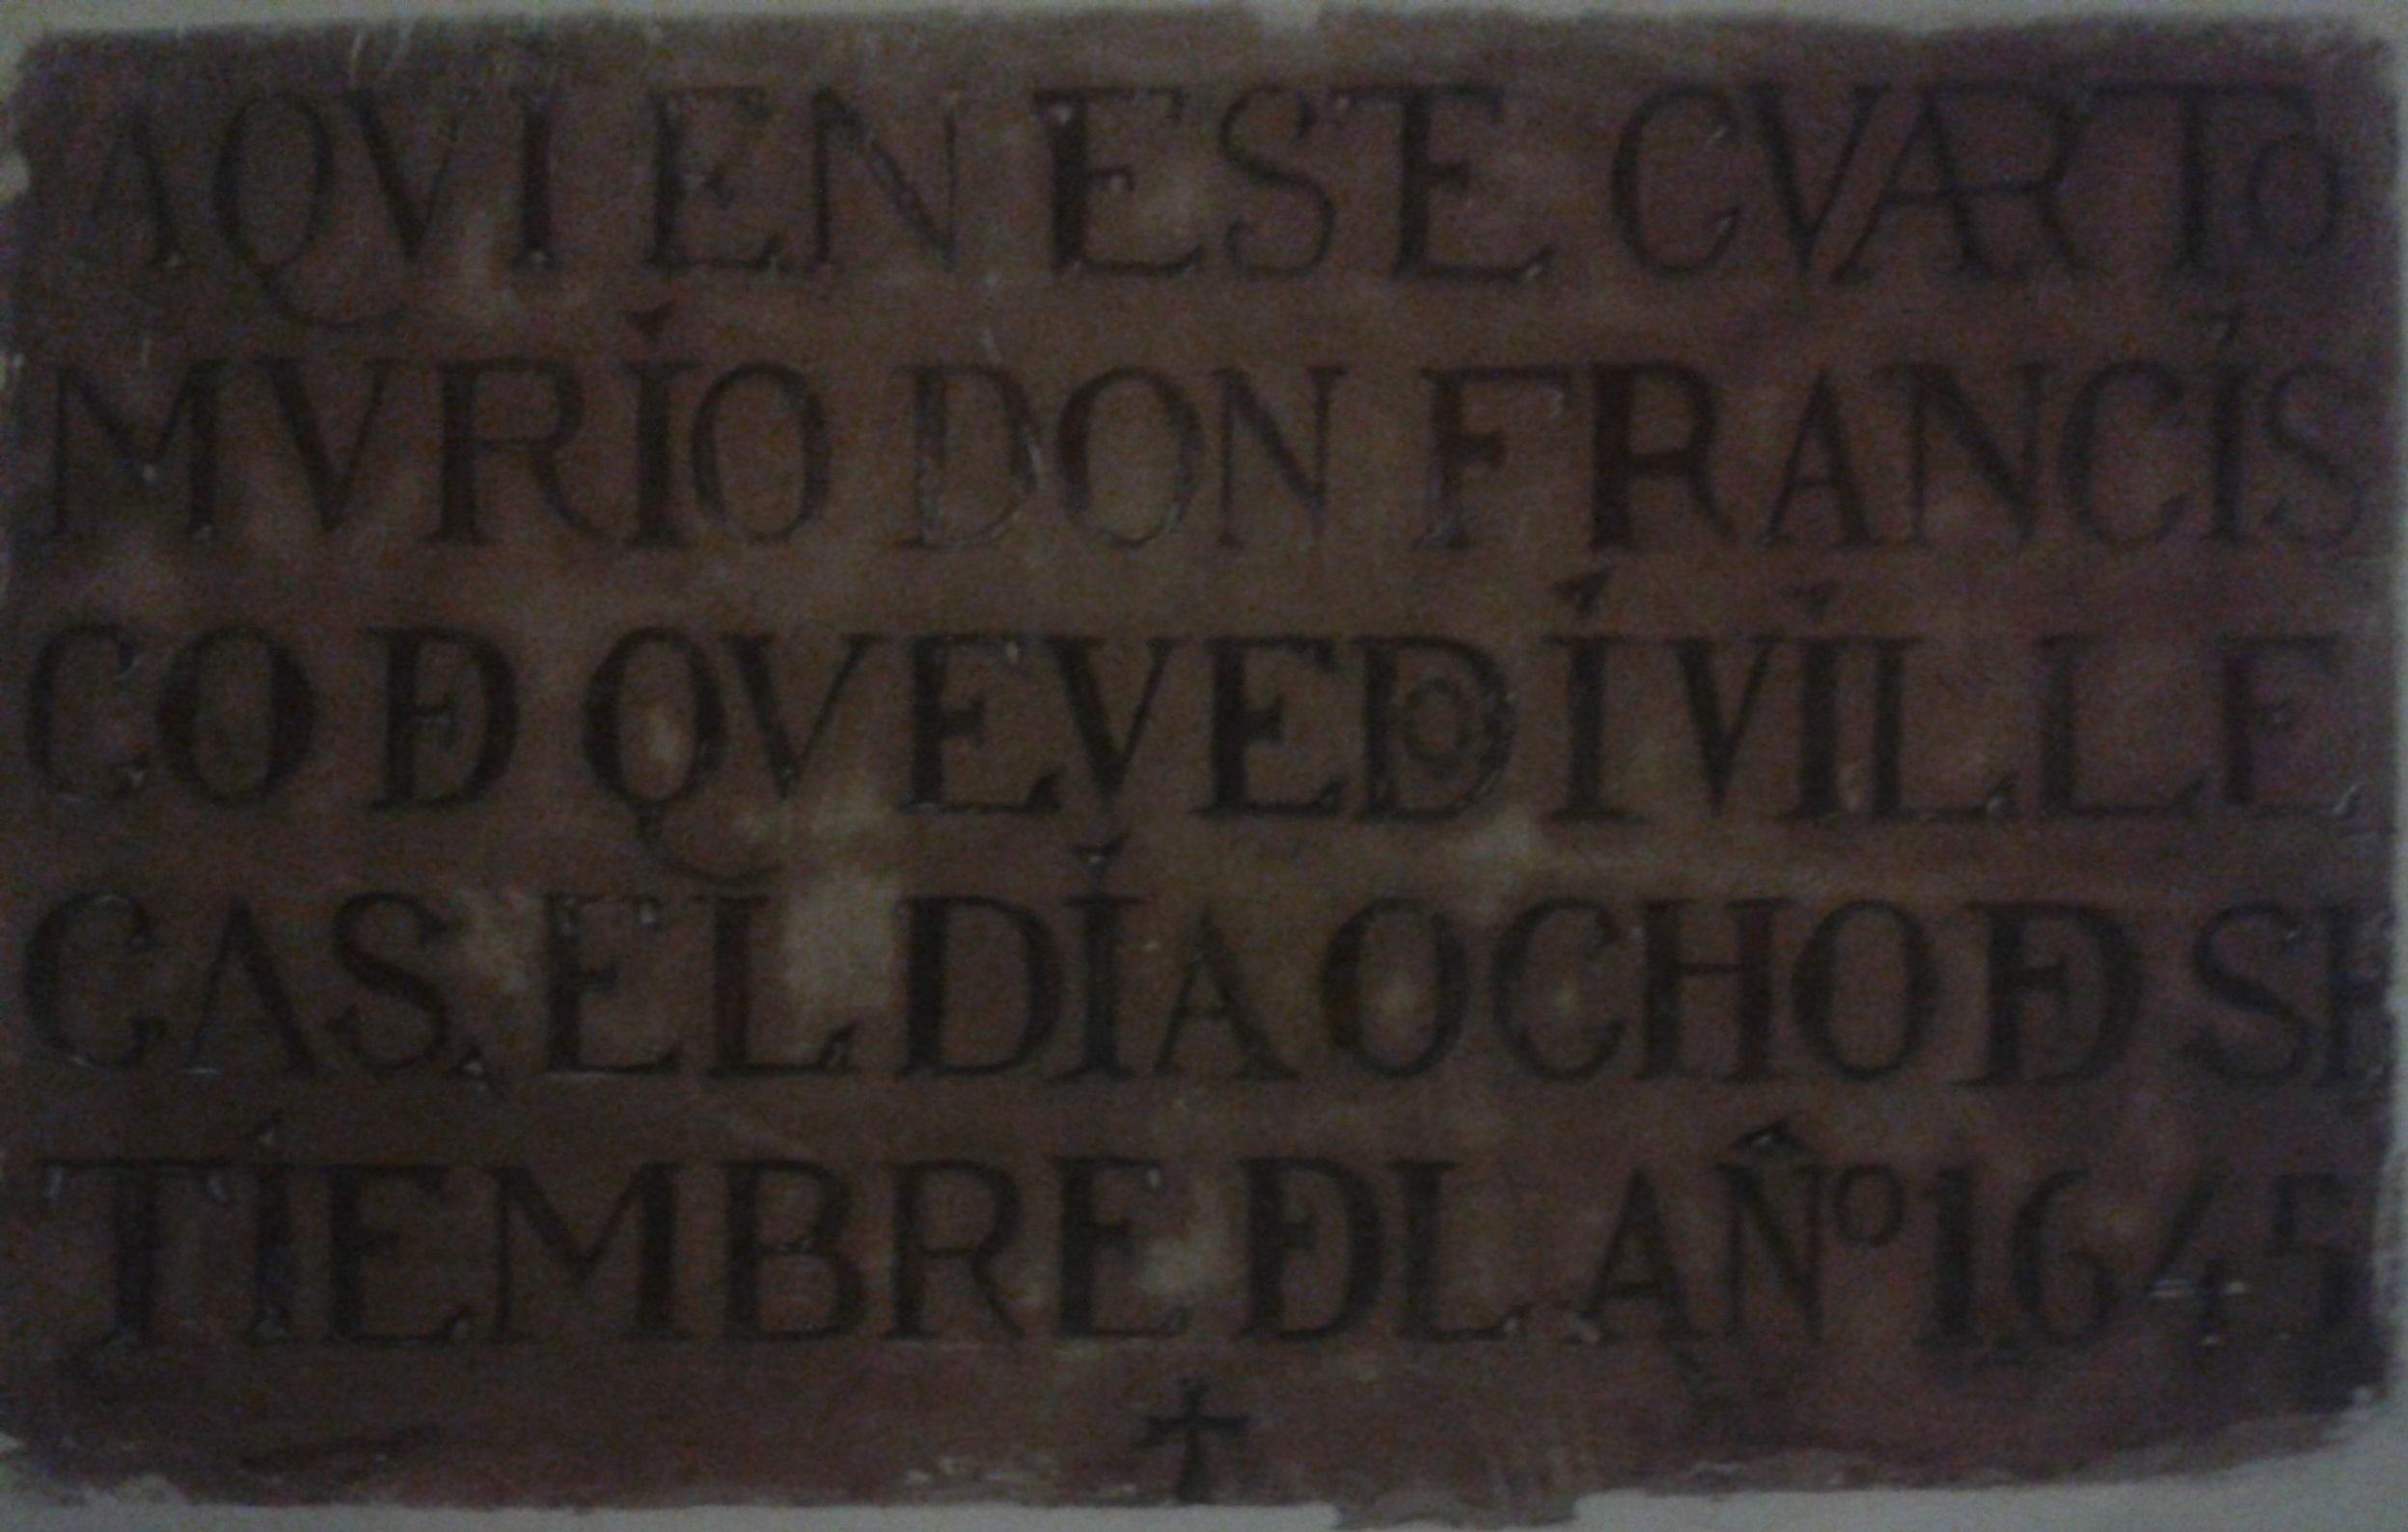 Placa conmemorativa de Quevedo en el convento dominico de Villanueva de los Infantes.